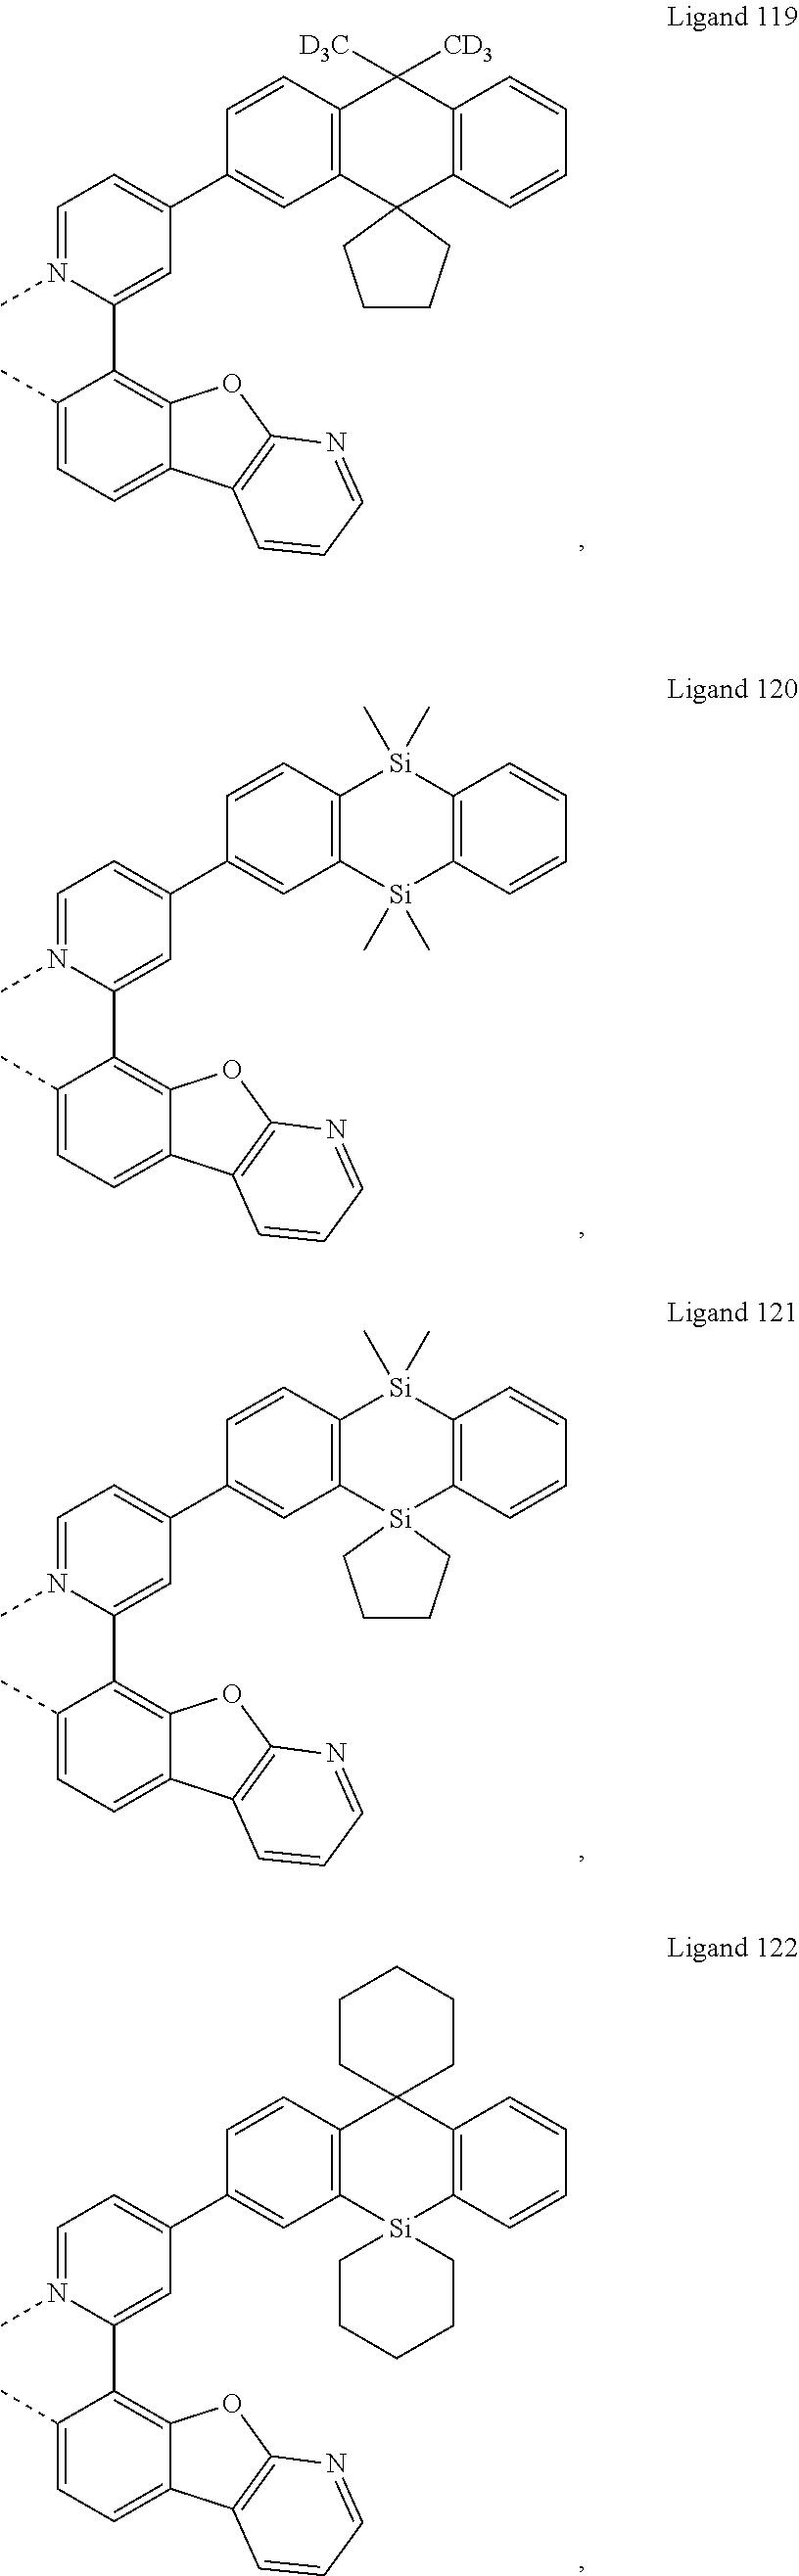 Figure US20180130962A1-20180510-C00256